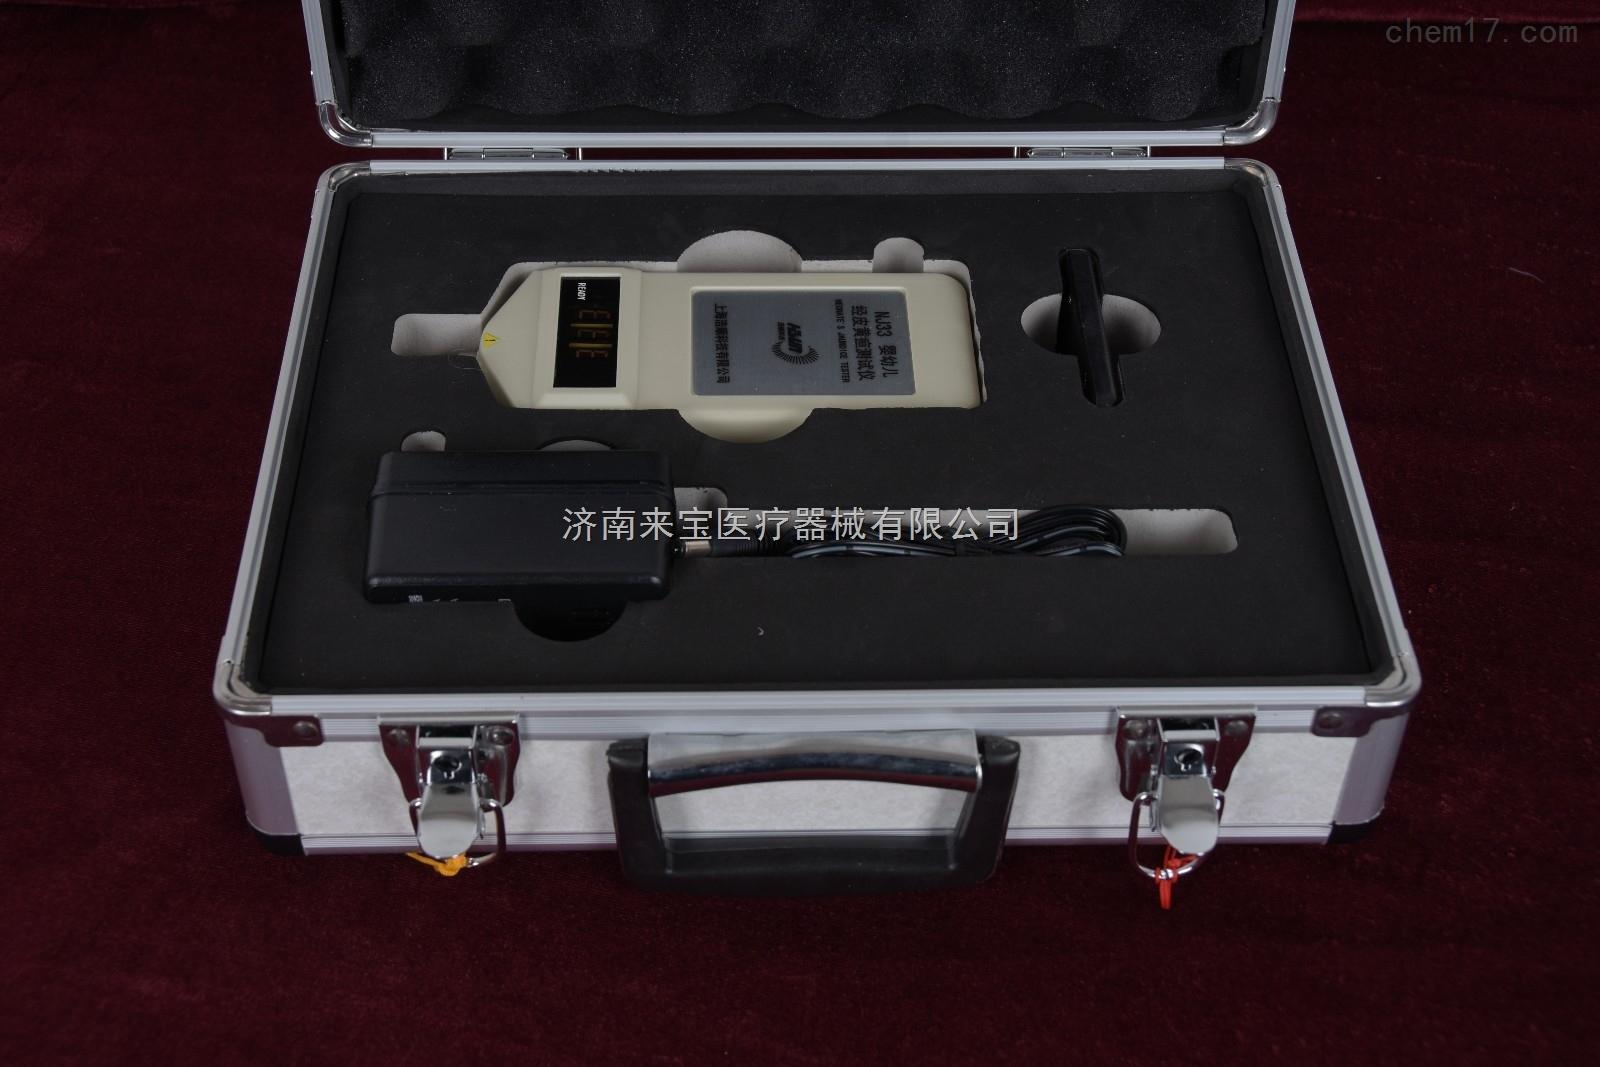 浩顺经皮黄疸仪NJ33A